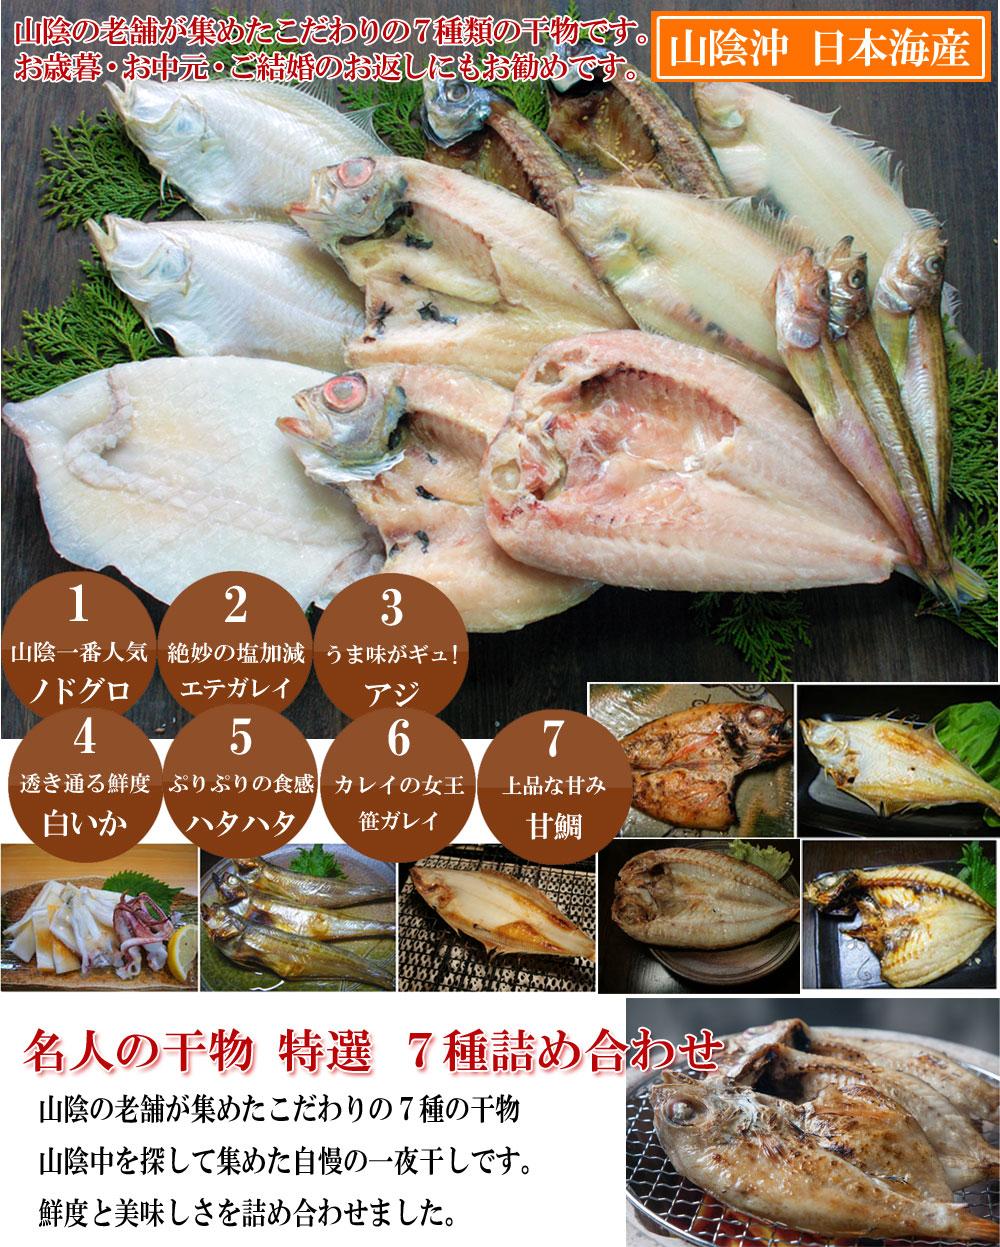 山陰沖 日本海産 名人の干物特選7種類D